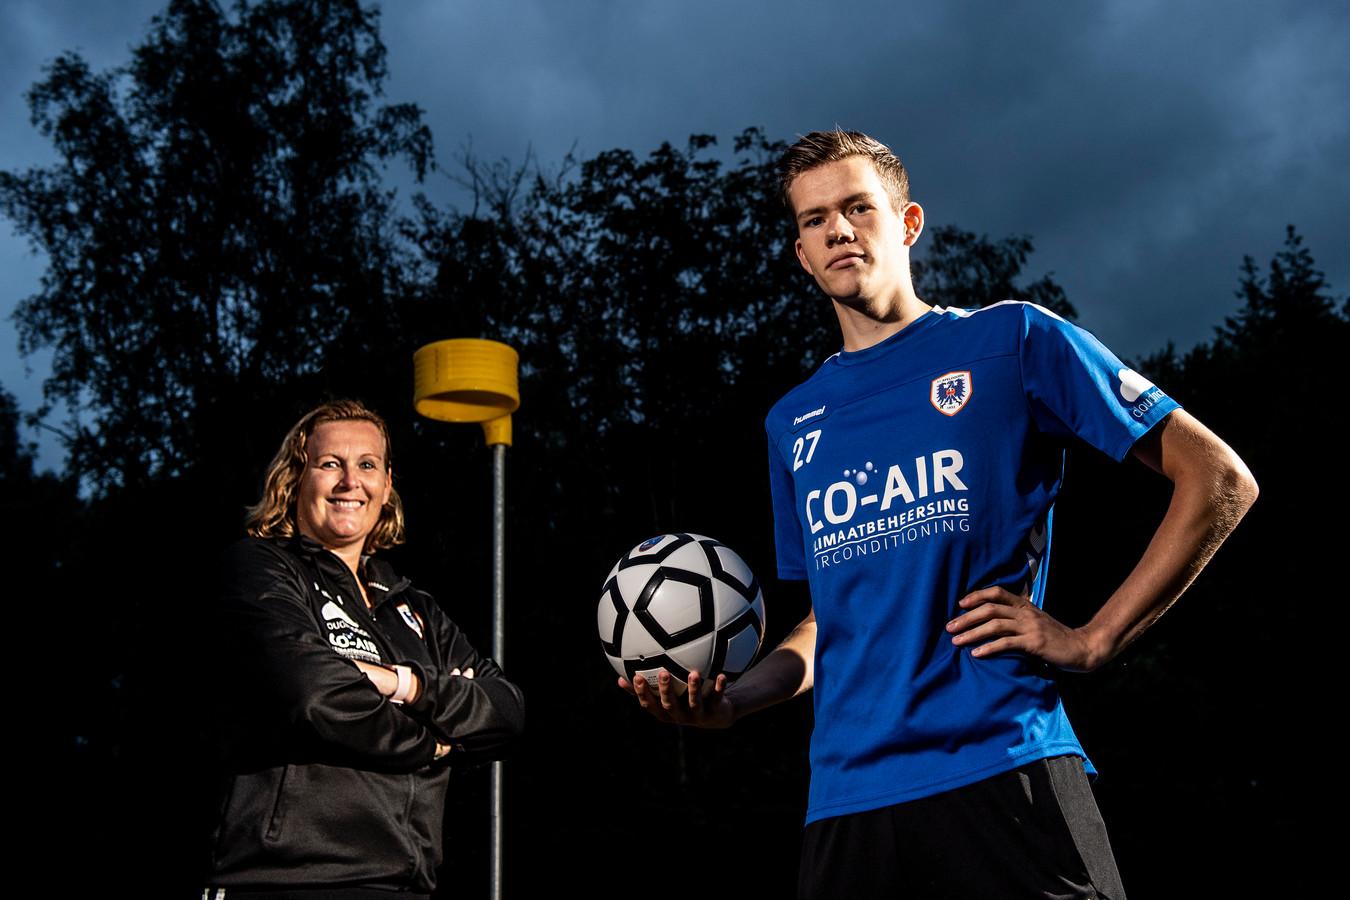 Korfbaltrainster Joyce de Boer en speler Ruben Veerman van KV Apeldoorn zijn klaar voor het nieuwe seizoen.